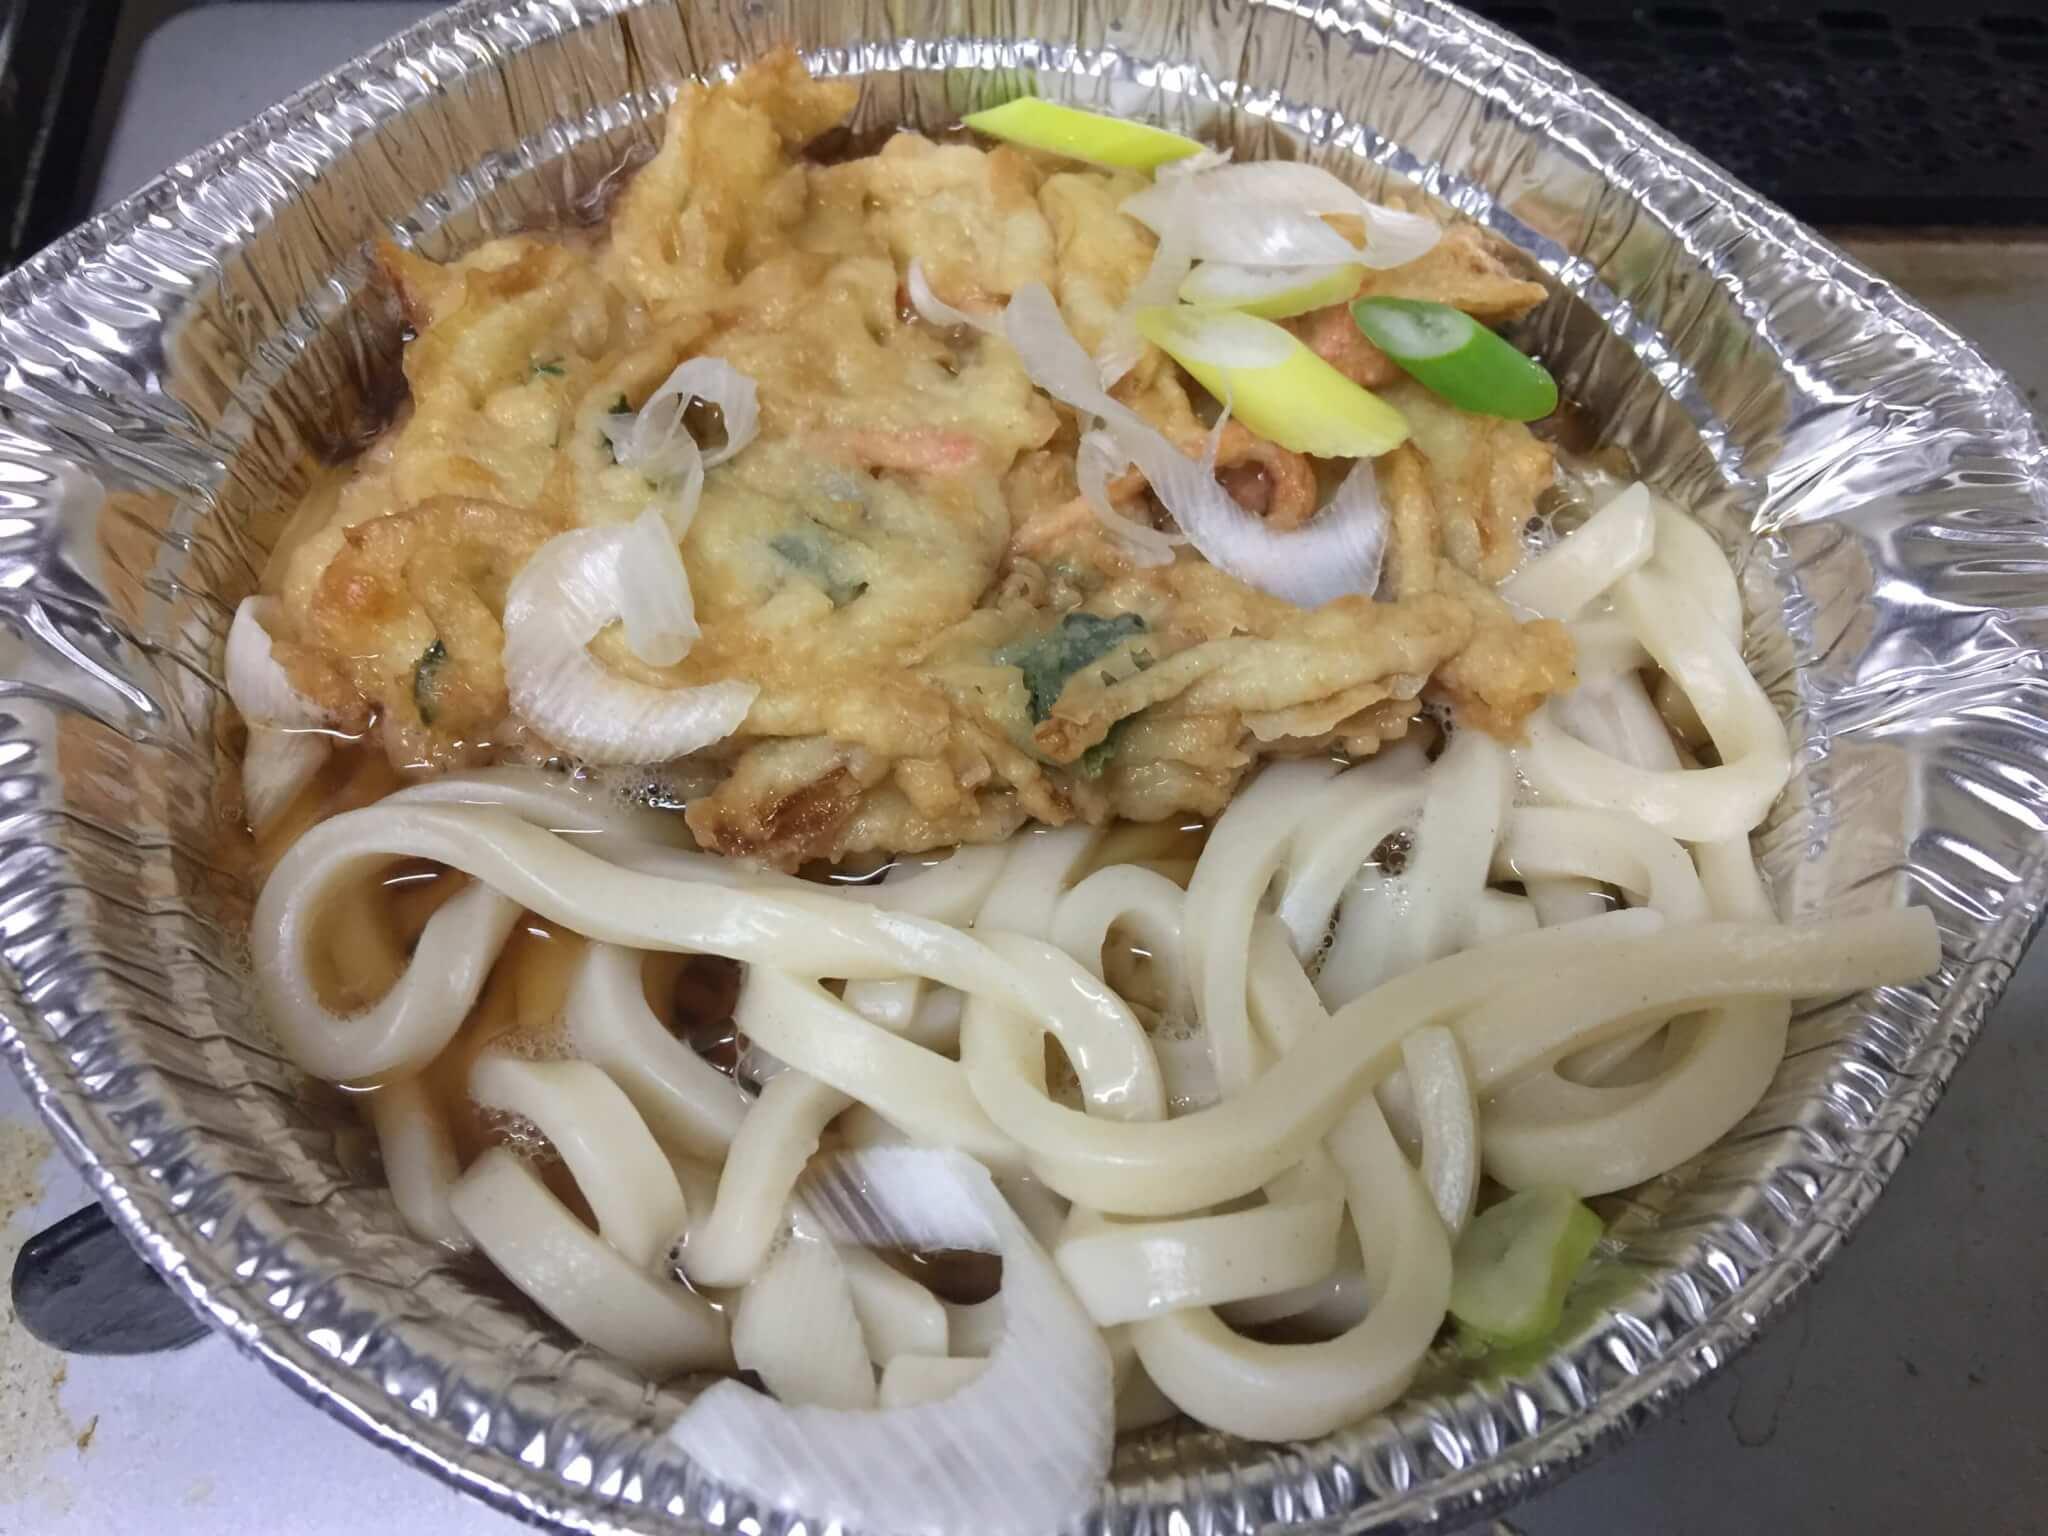 セブンイレブンの天ぷら鍋焼きうどんの調理中の状態